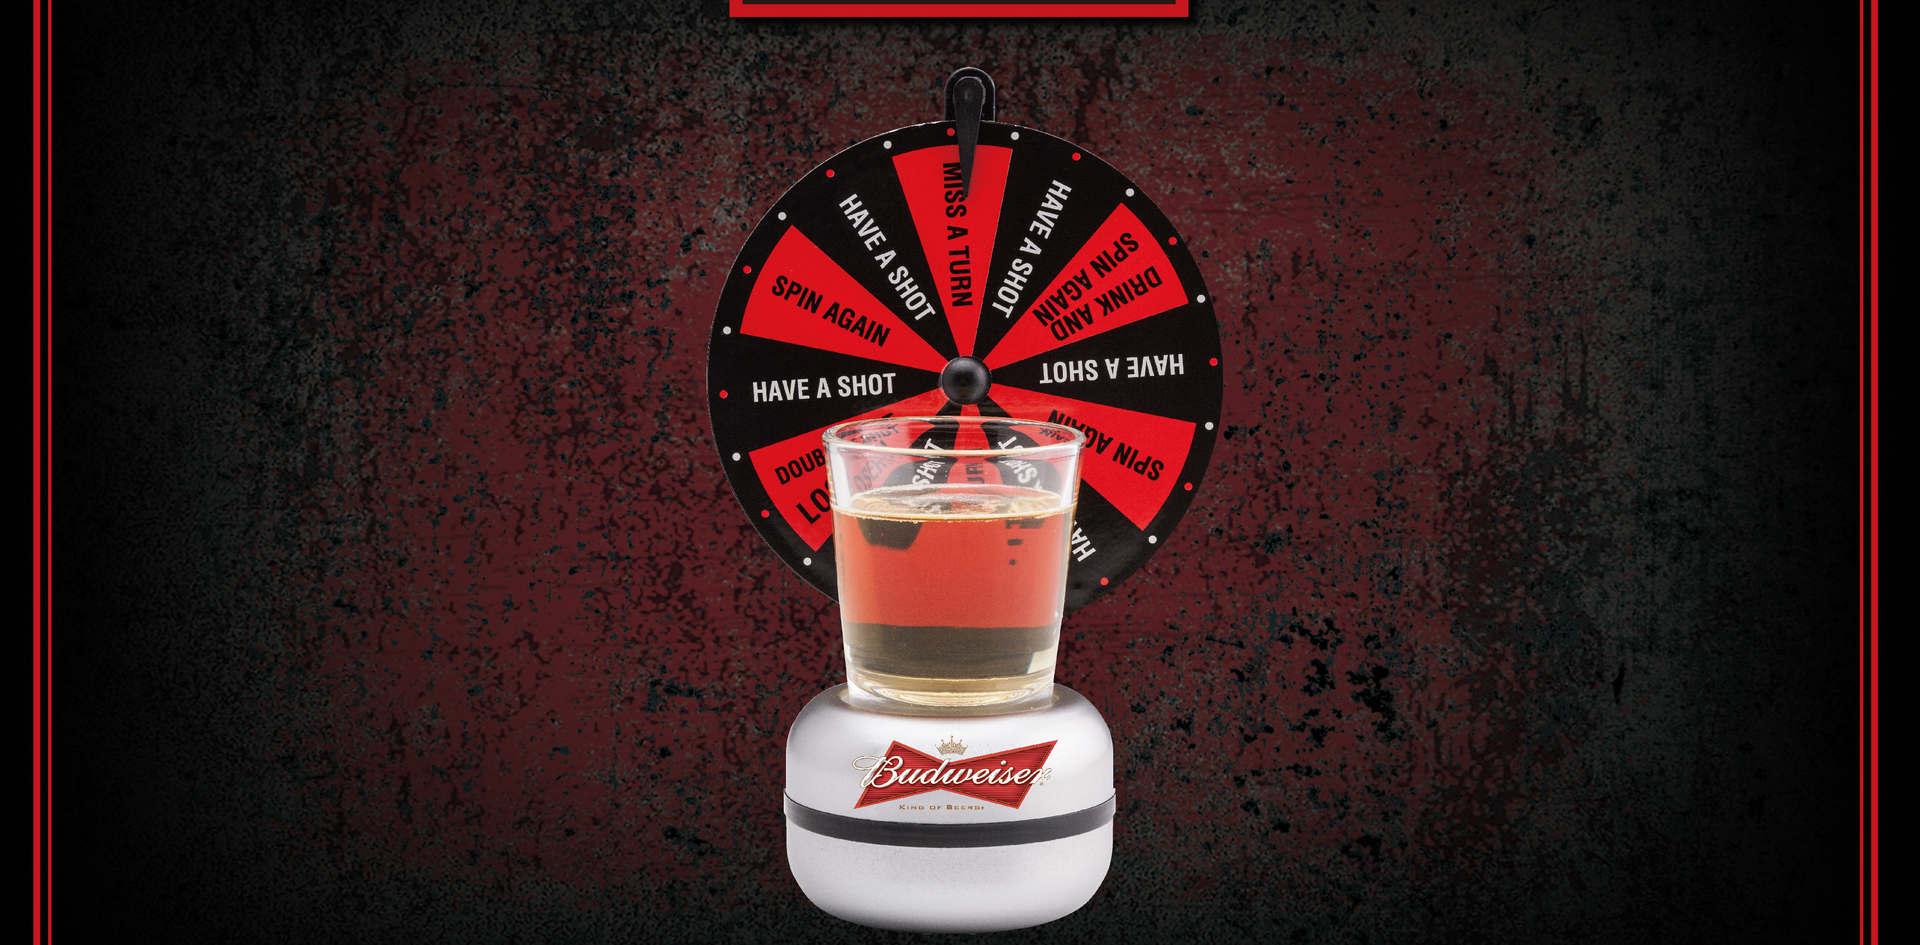 百威啤酒(BUDWEISER)桌遊-啤酒轉盤設計.jpg